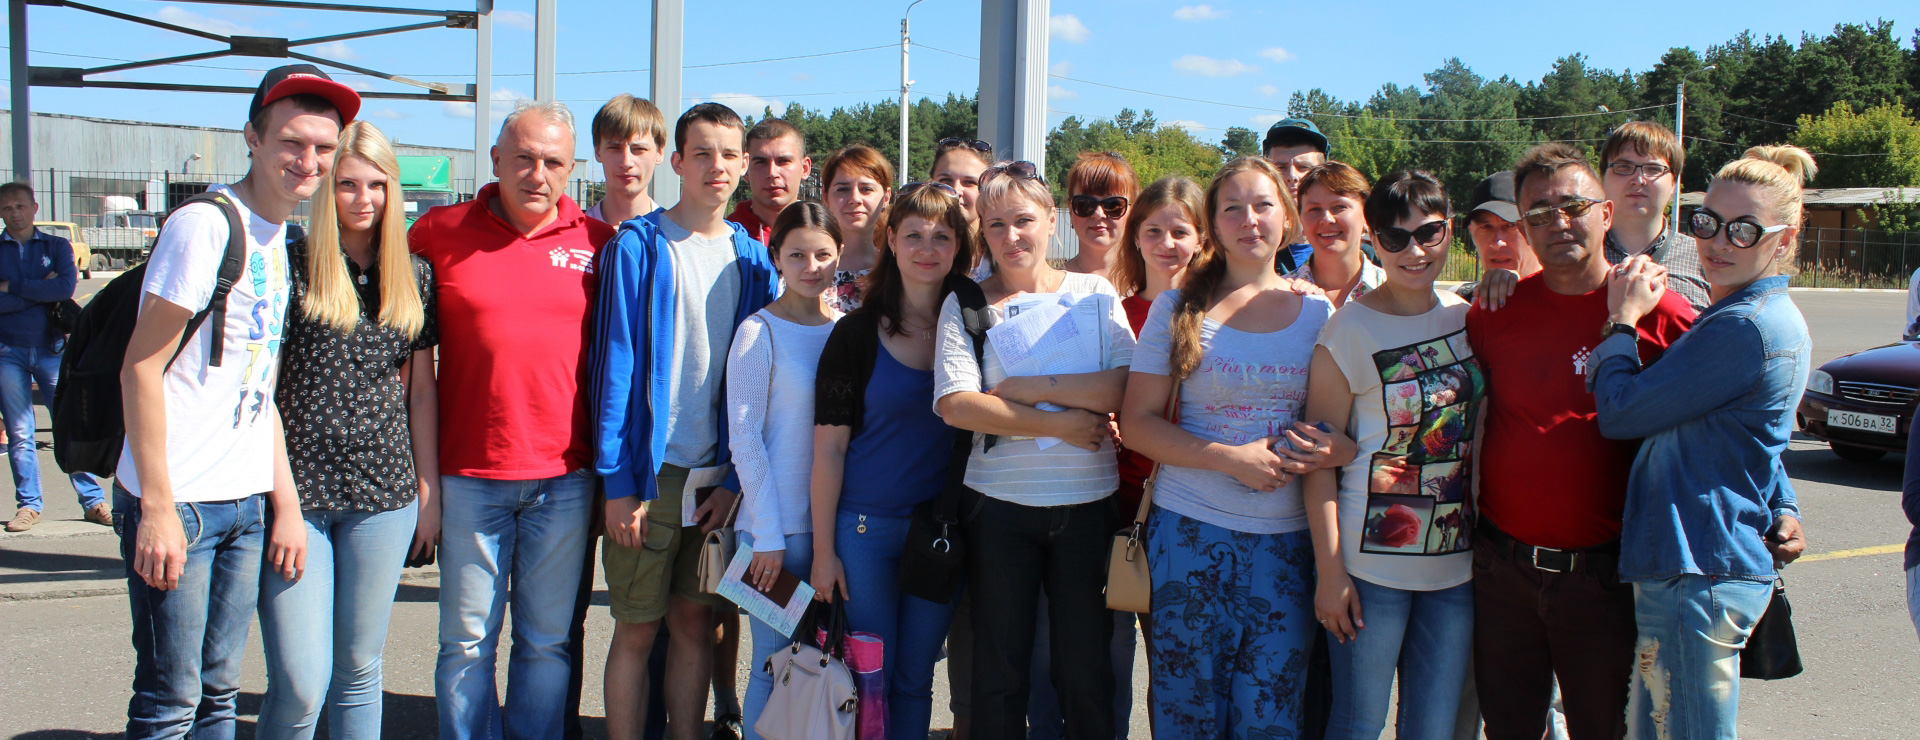 Сопровождение на экзаменах в ГИБДД - Автошкола АНО ДПО УМИТЦ